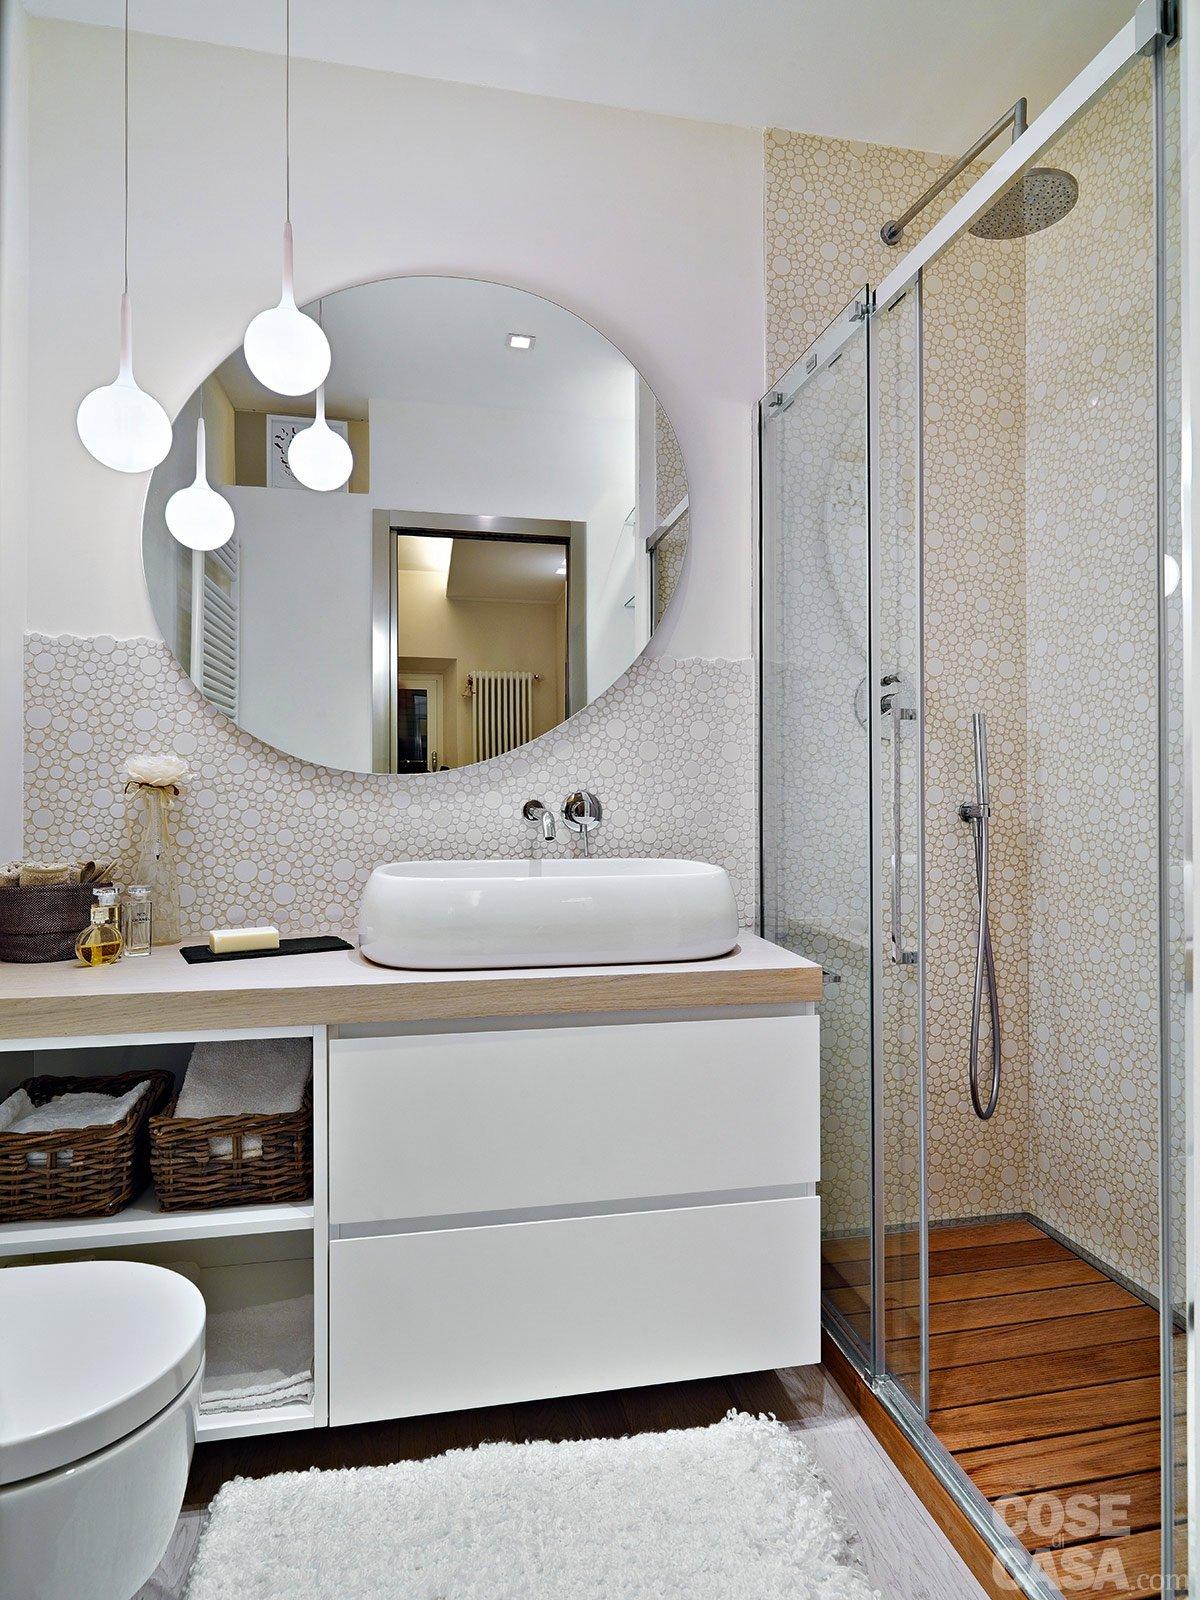 Lampada design bagno specchio - Ikea bagno piccolo ...